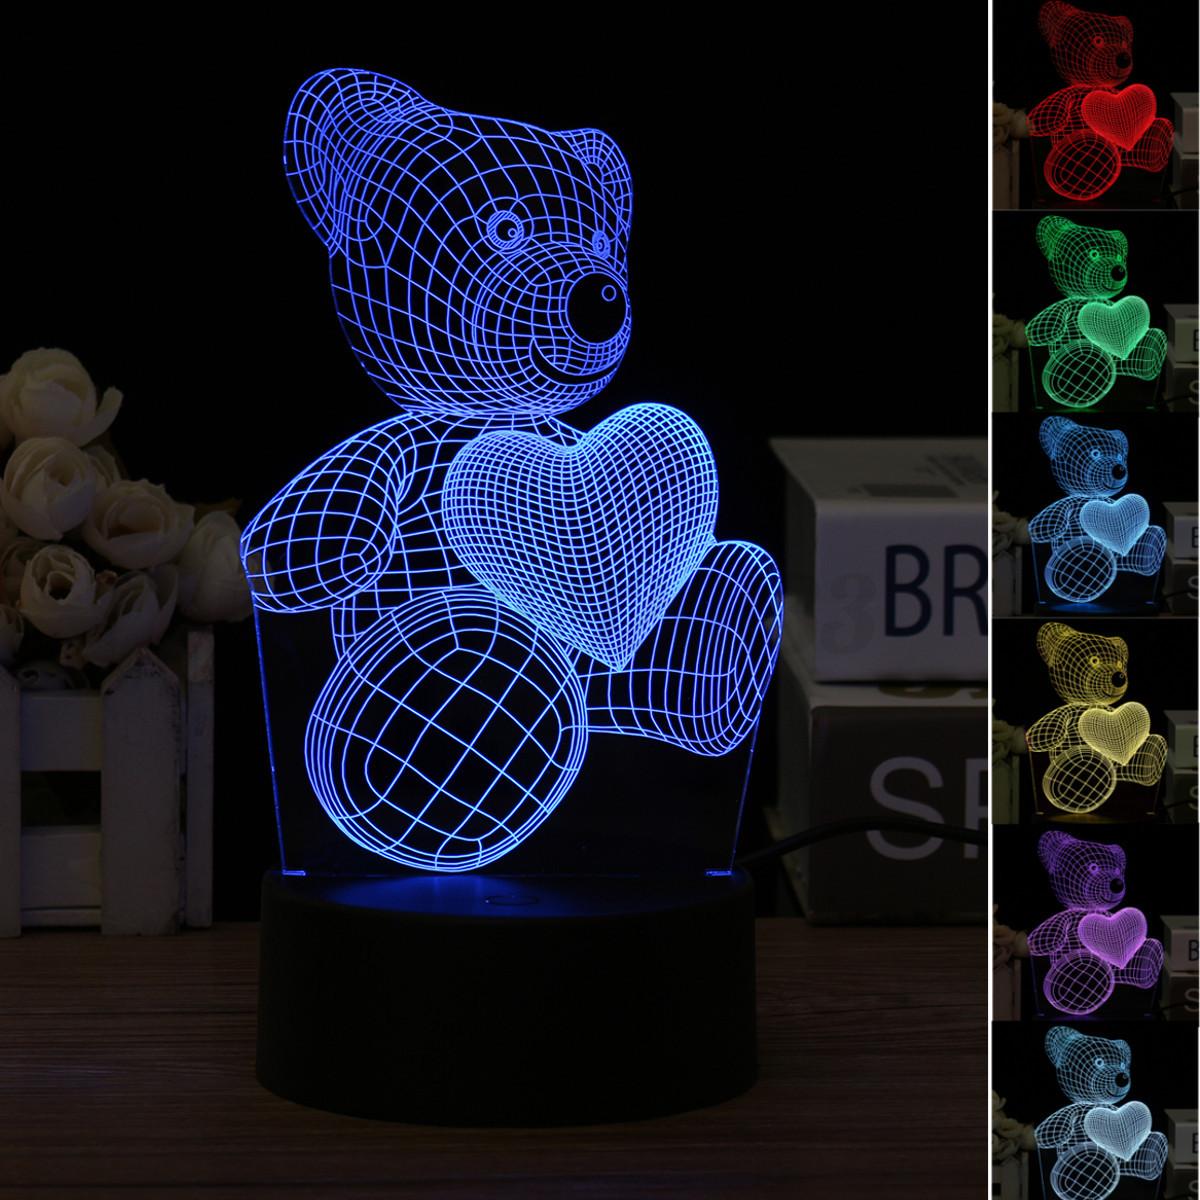 LAMPADA-LED-ILLUSIONE-OTTICA-3D-Acrilico-Luce-Notturna-Scrivania-CAMBIA-LAMP-USB